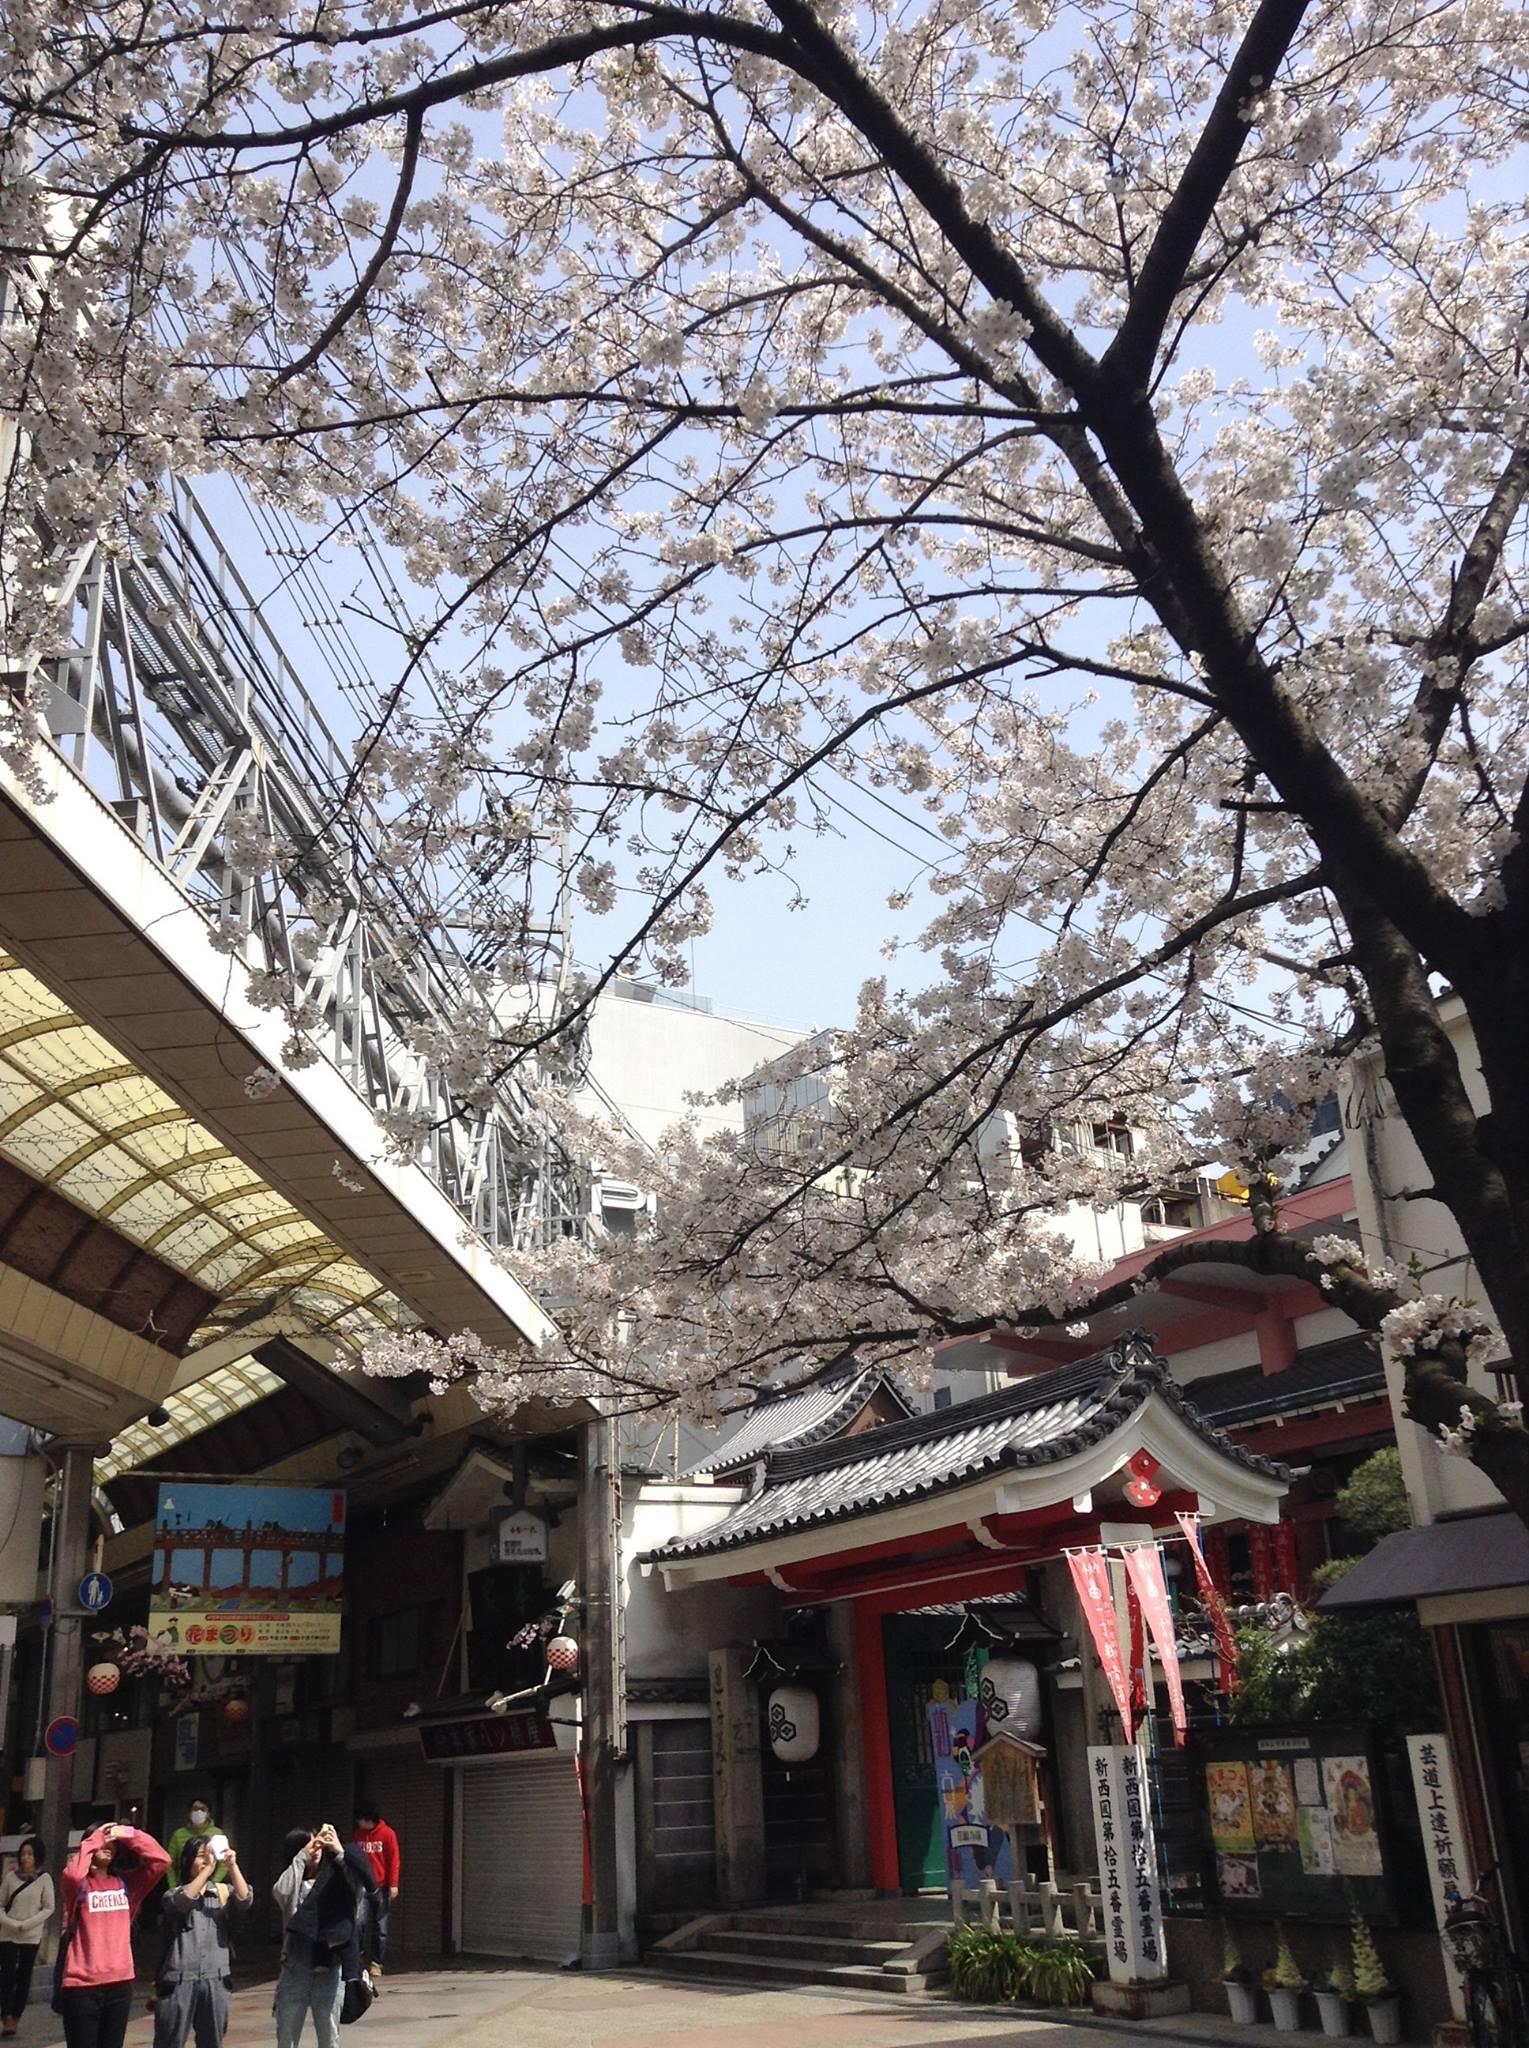 寺町新京極商店街也有美麗櫻花開 fb@shinkyogoku